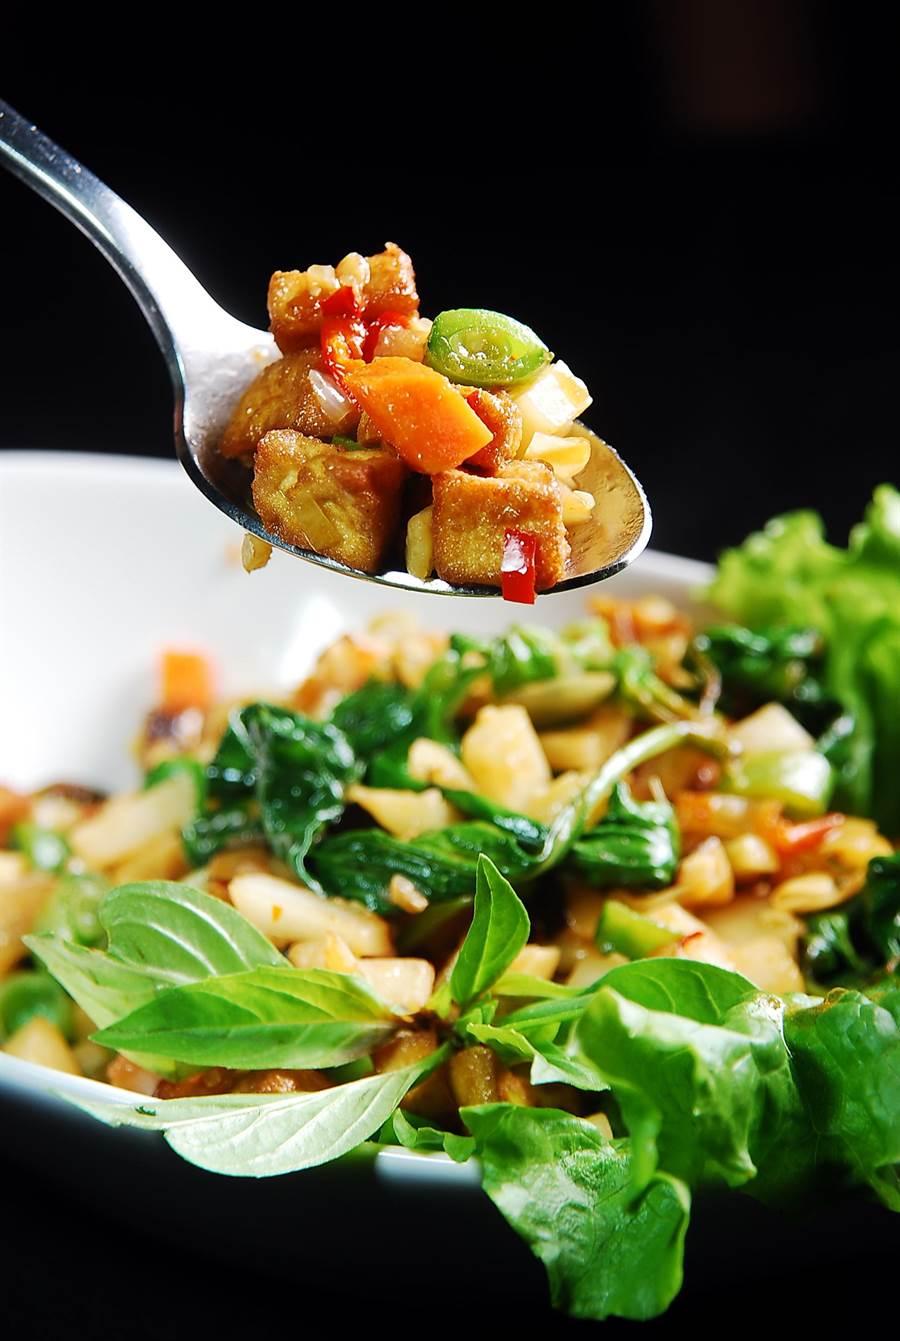 〈打拋時蔬〉是用泰國進口打拋醬炒製豆腐丁、甜豆丁、胡蘿蔔丁和茄子丁,非常開胃。(圖/姚舜攝)